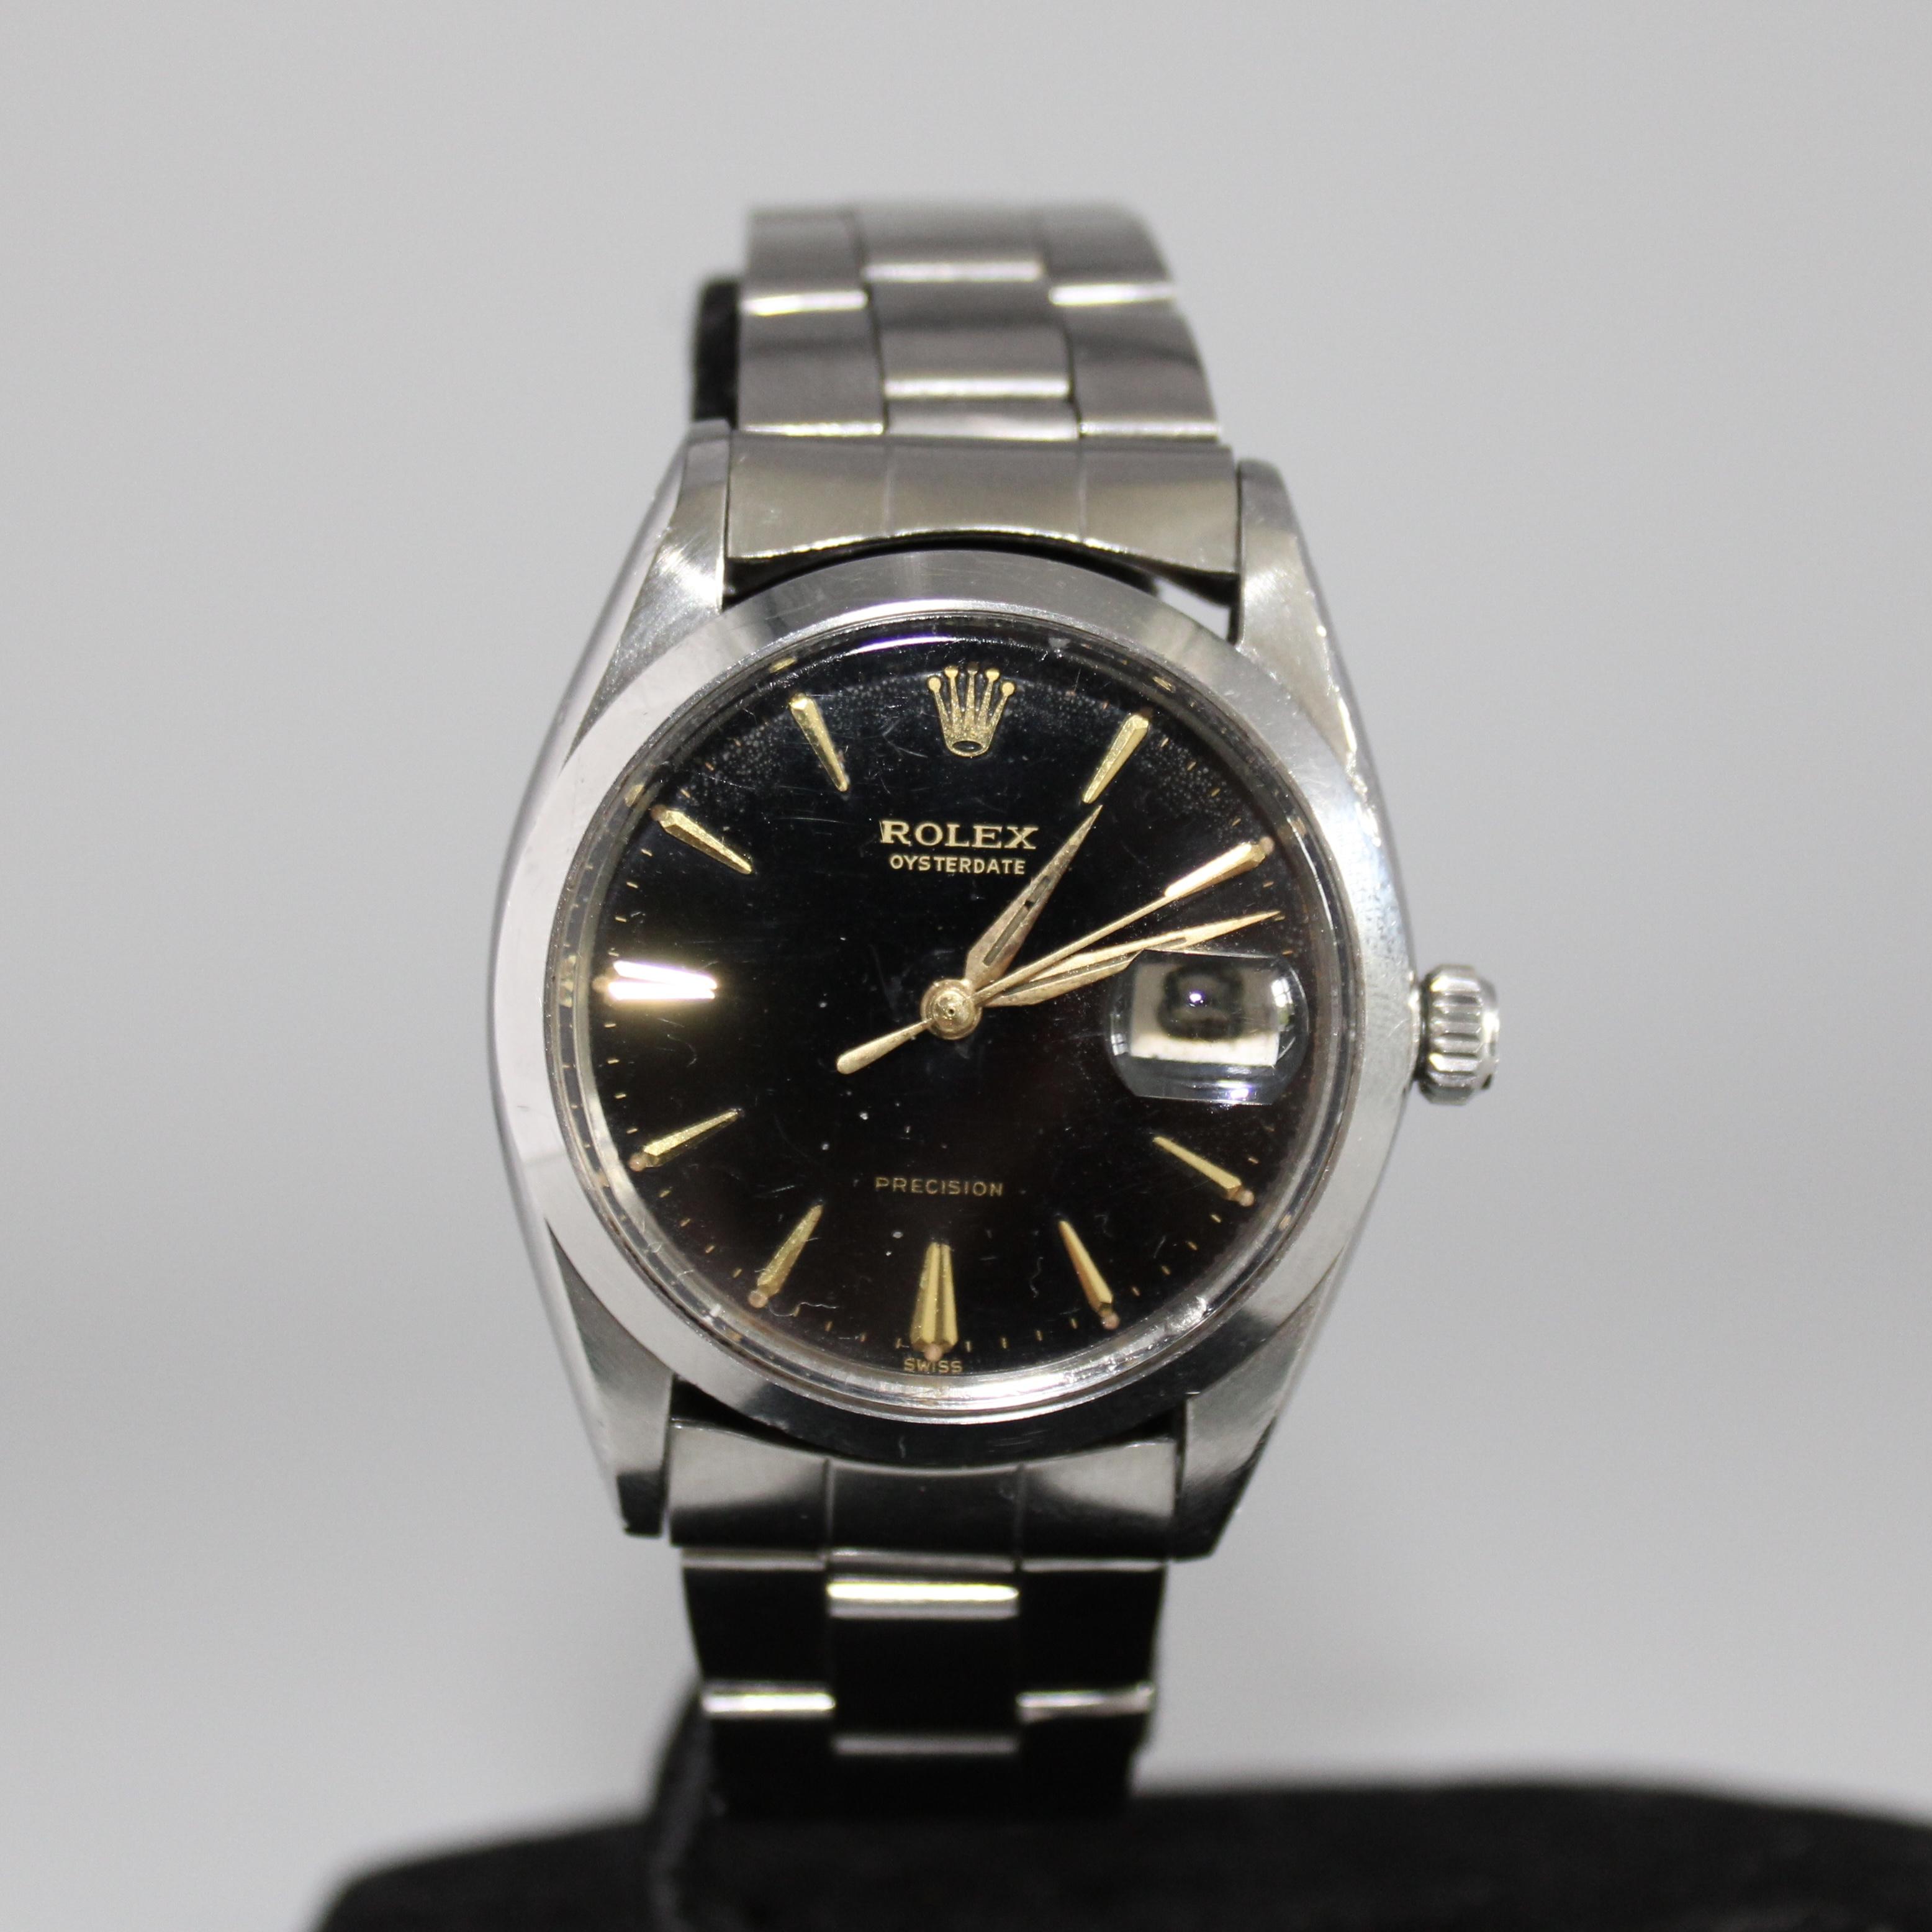 Rolex Oysterdate Precision ref 6694